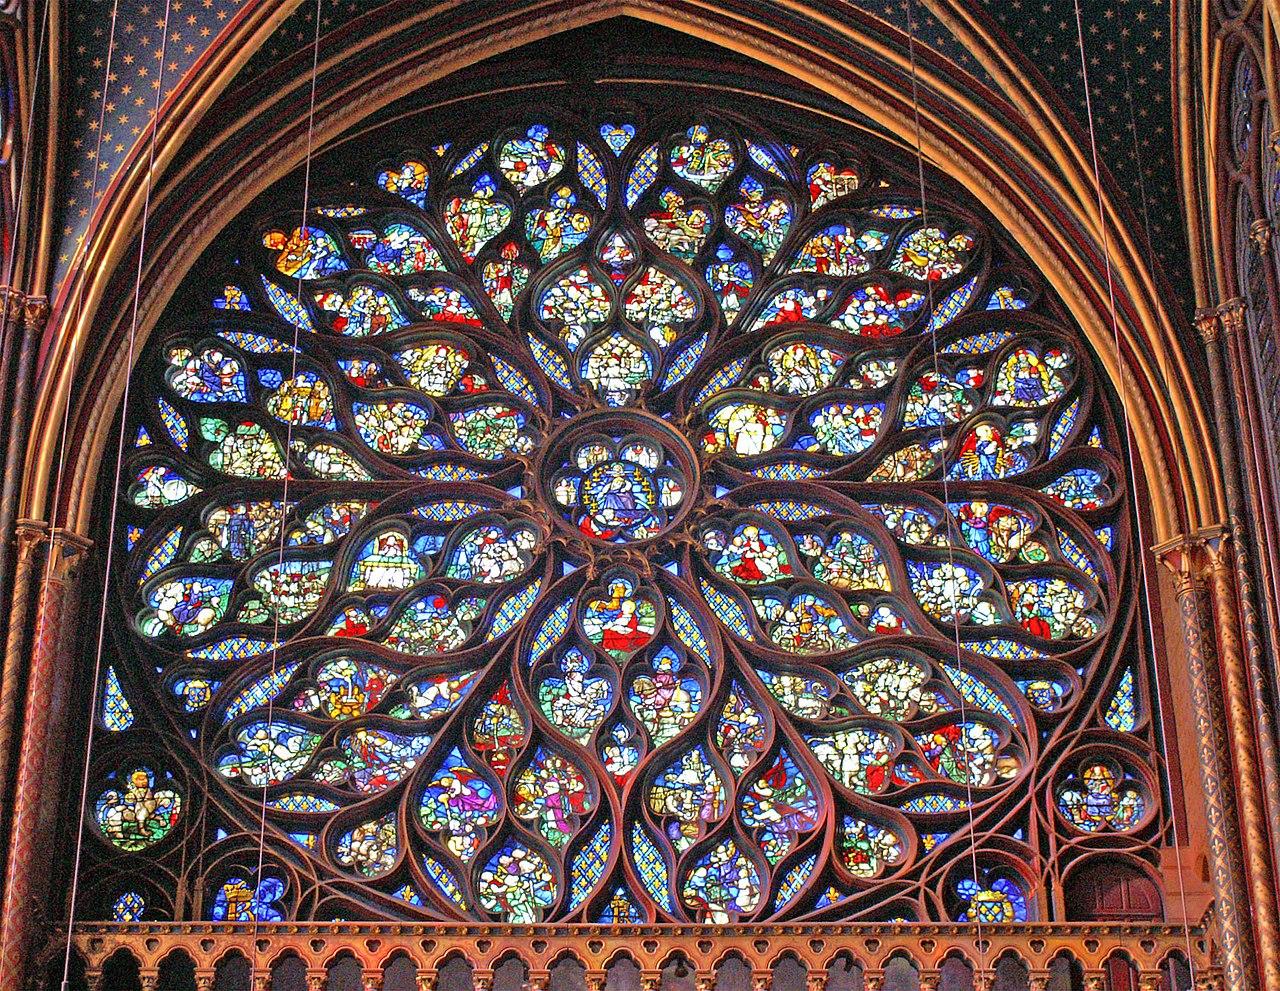 聖禮拜堂內的玫瑰花窗。(Didier B/維基百科)